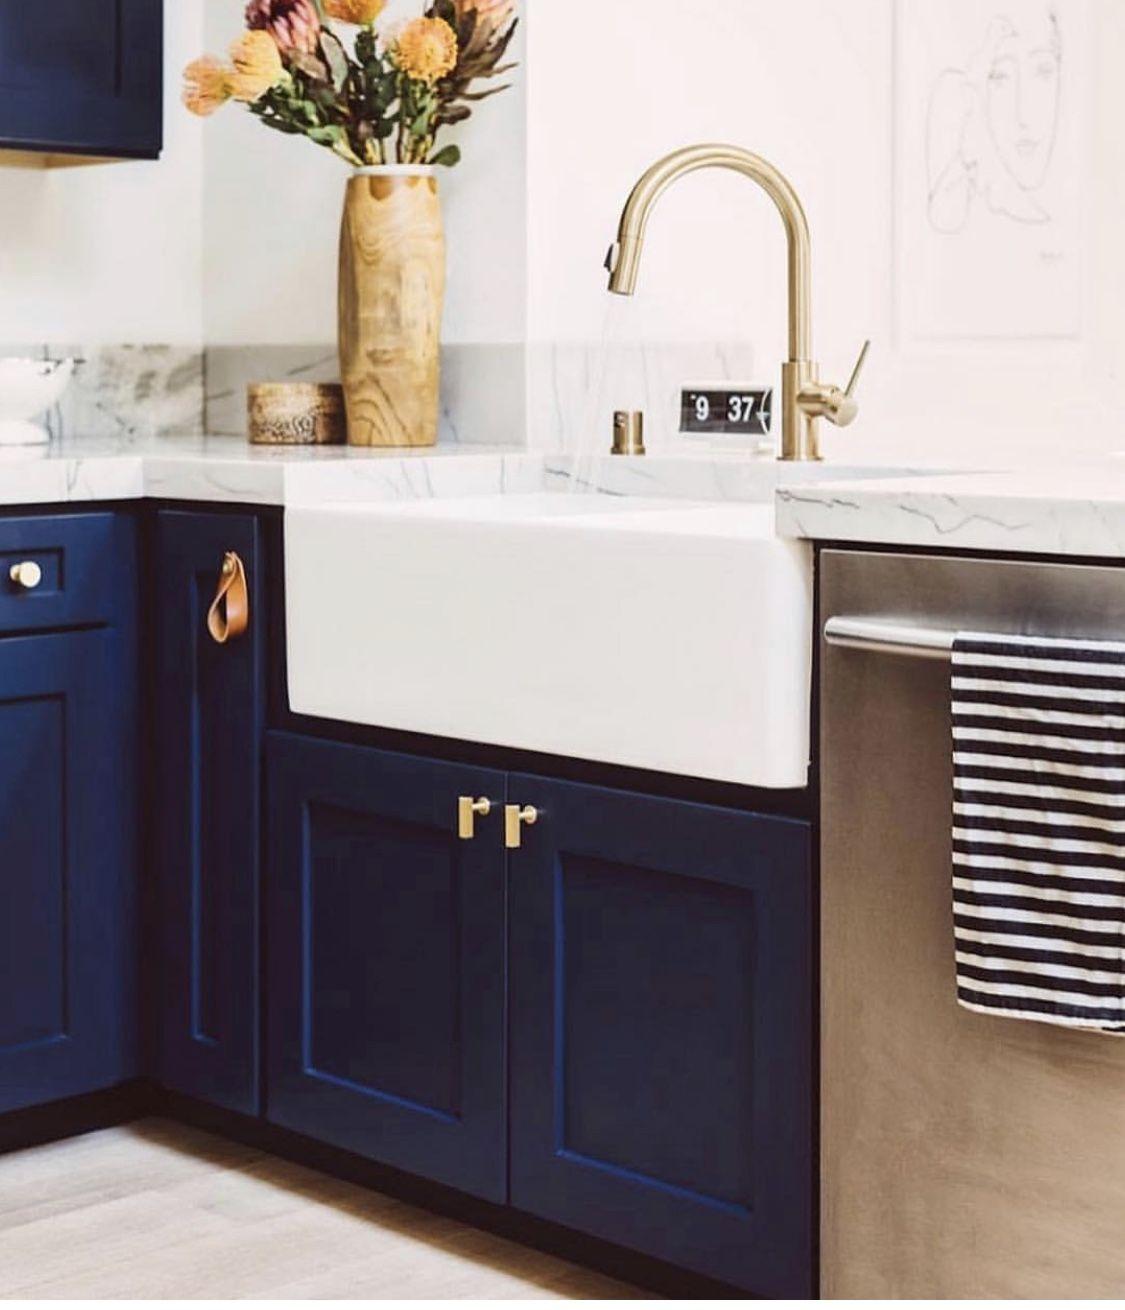 pin by cristen angarita on beach navy kitchen kitchen remodel kitchen decor on kitchen decor navy id=57444